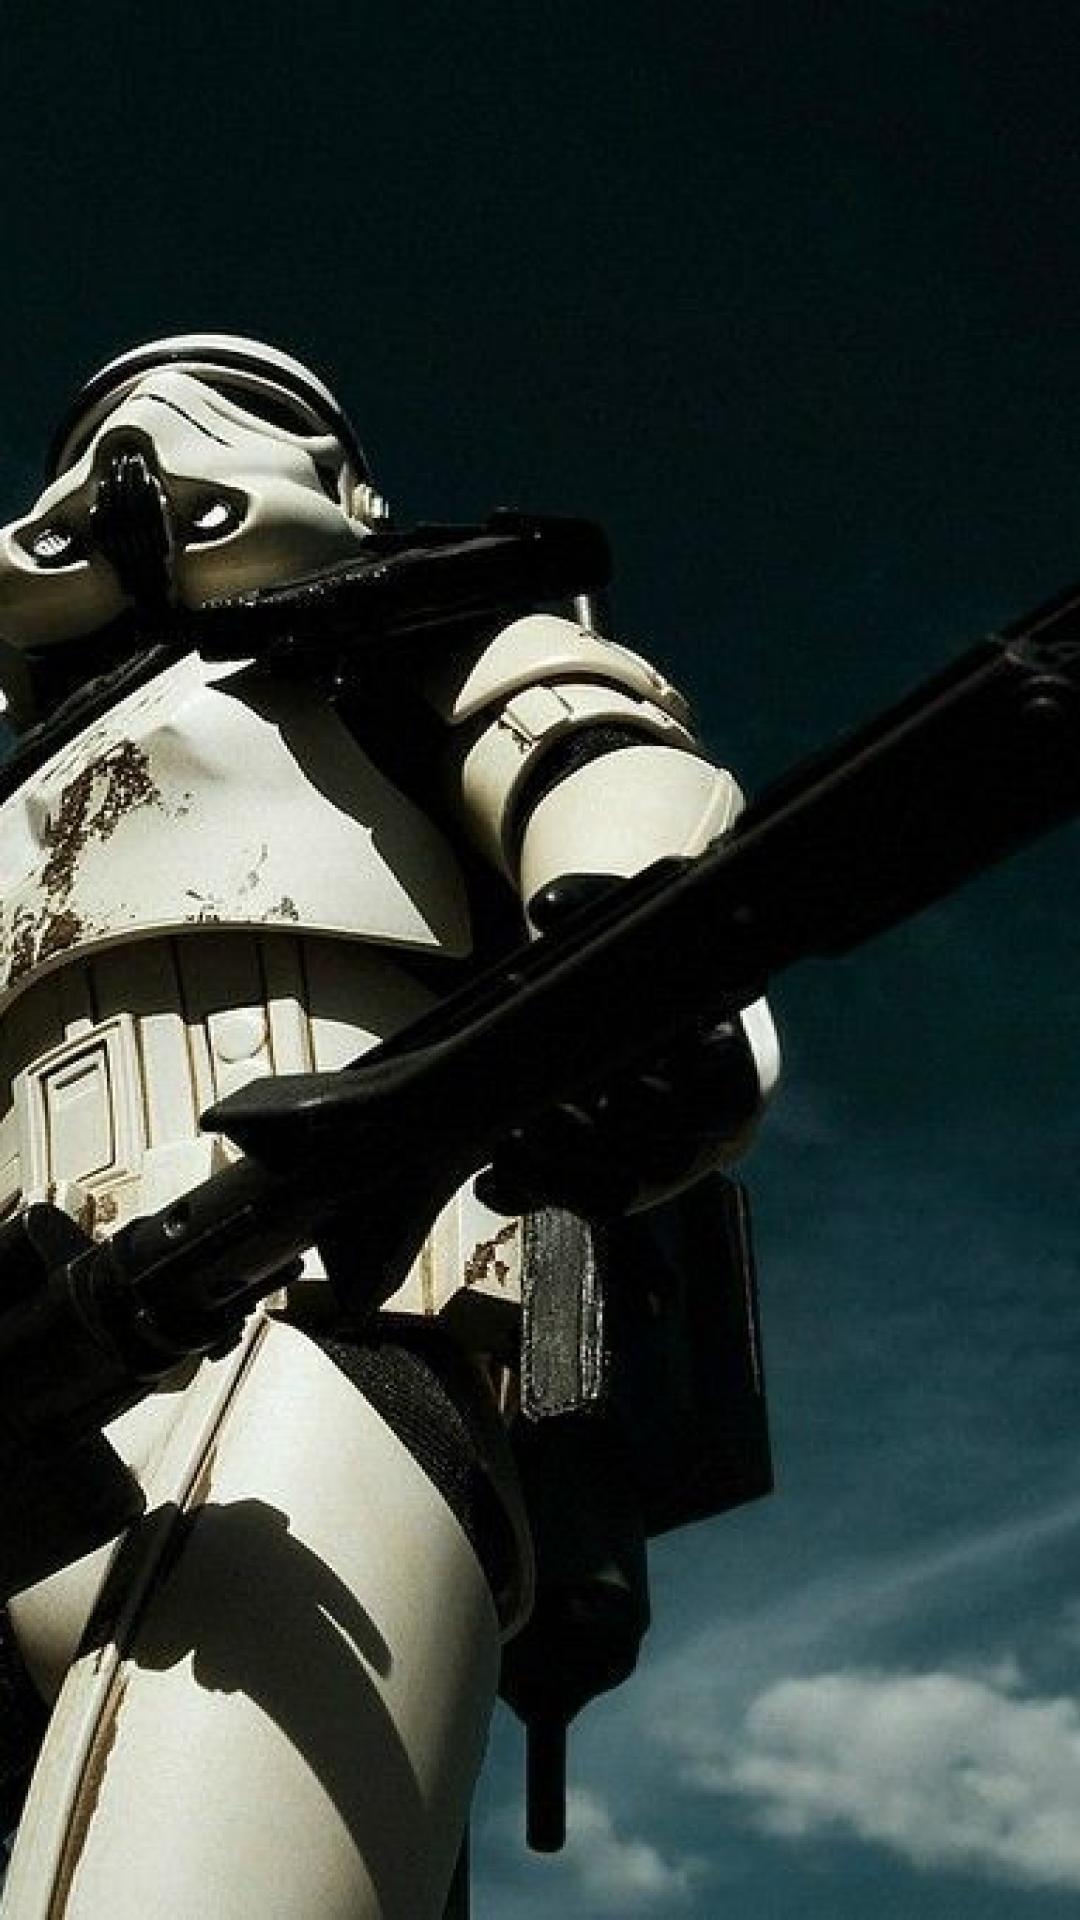 Star Wars Galactic Empire Wallpaper – WallpaperSafari